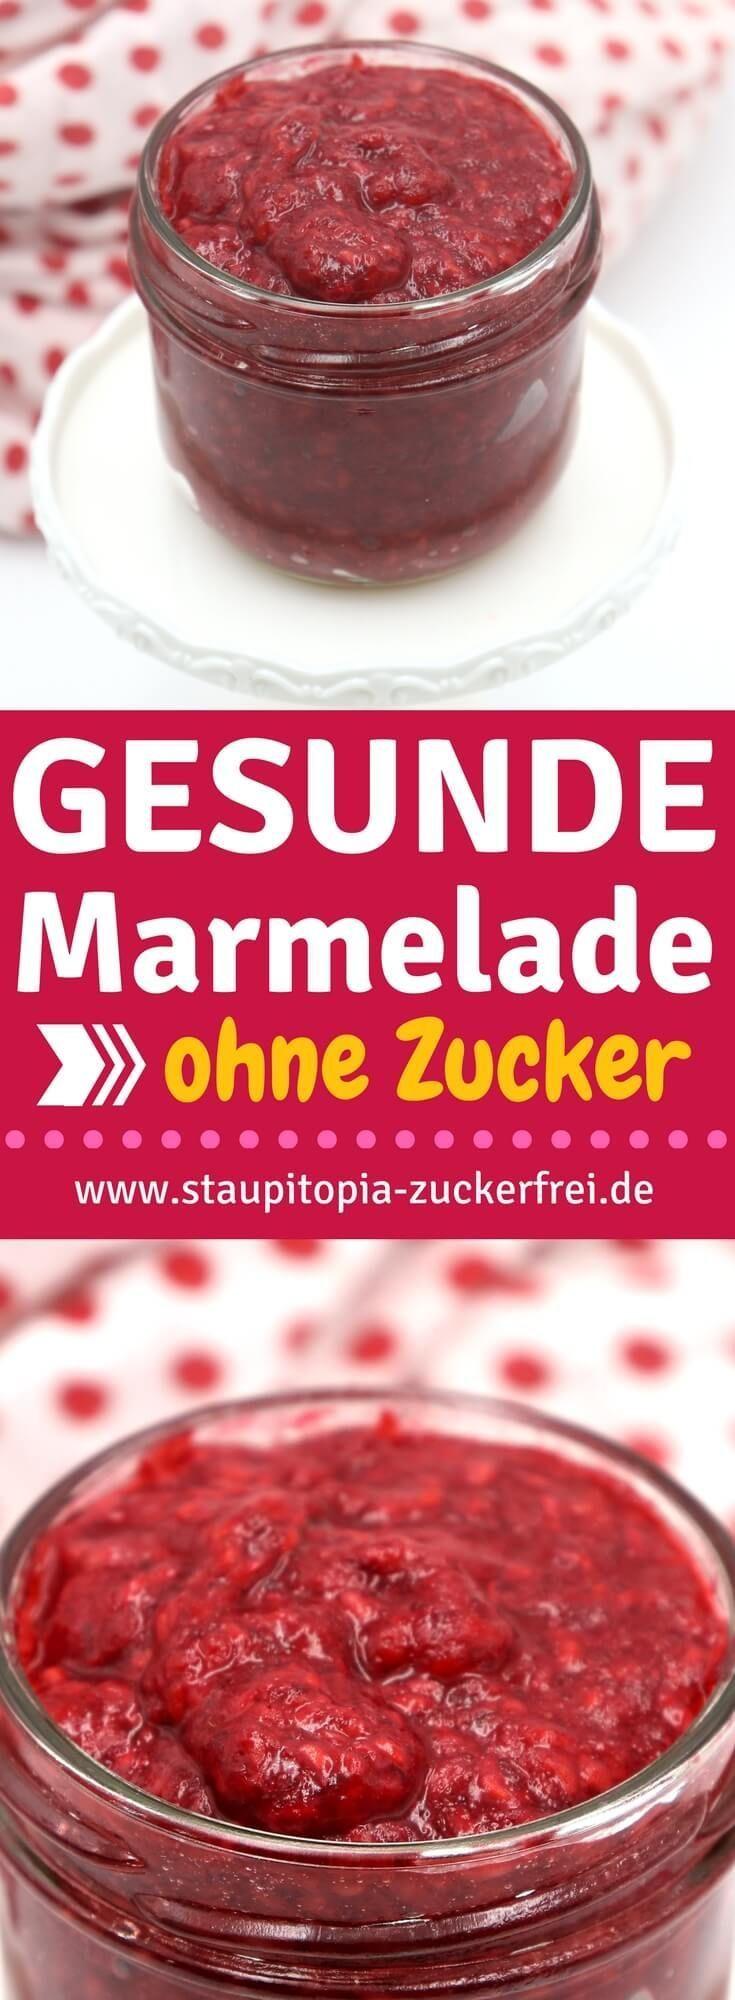 Marmelade Ohne Zucker Edeka